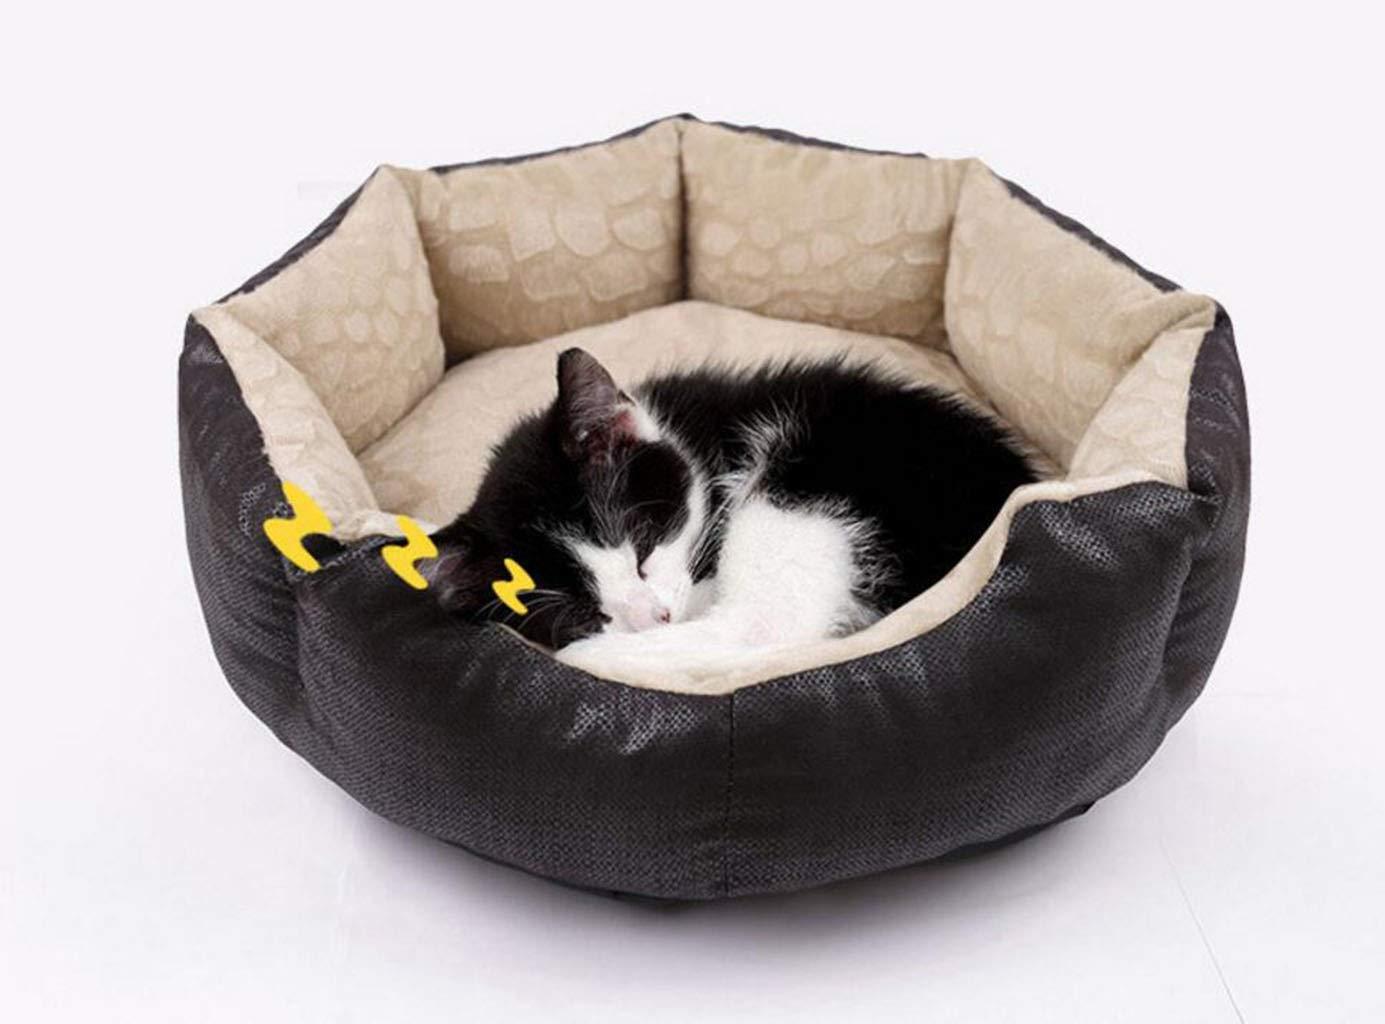 GKKXUE Nido di Gatto Cuccia Estiva Colore : Brown, Dimensioni : S. Letto per Animali Domestici Nido di Animali Domestici